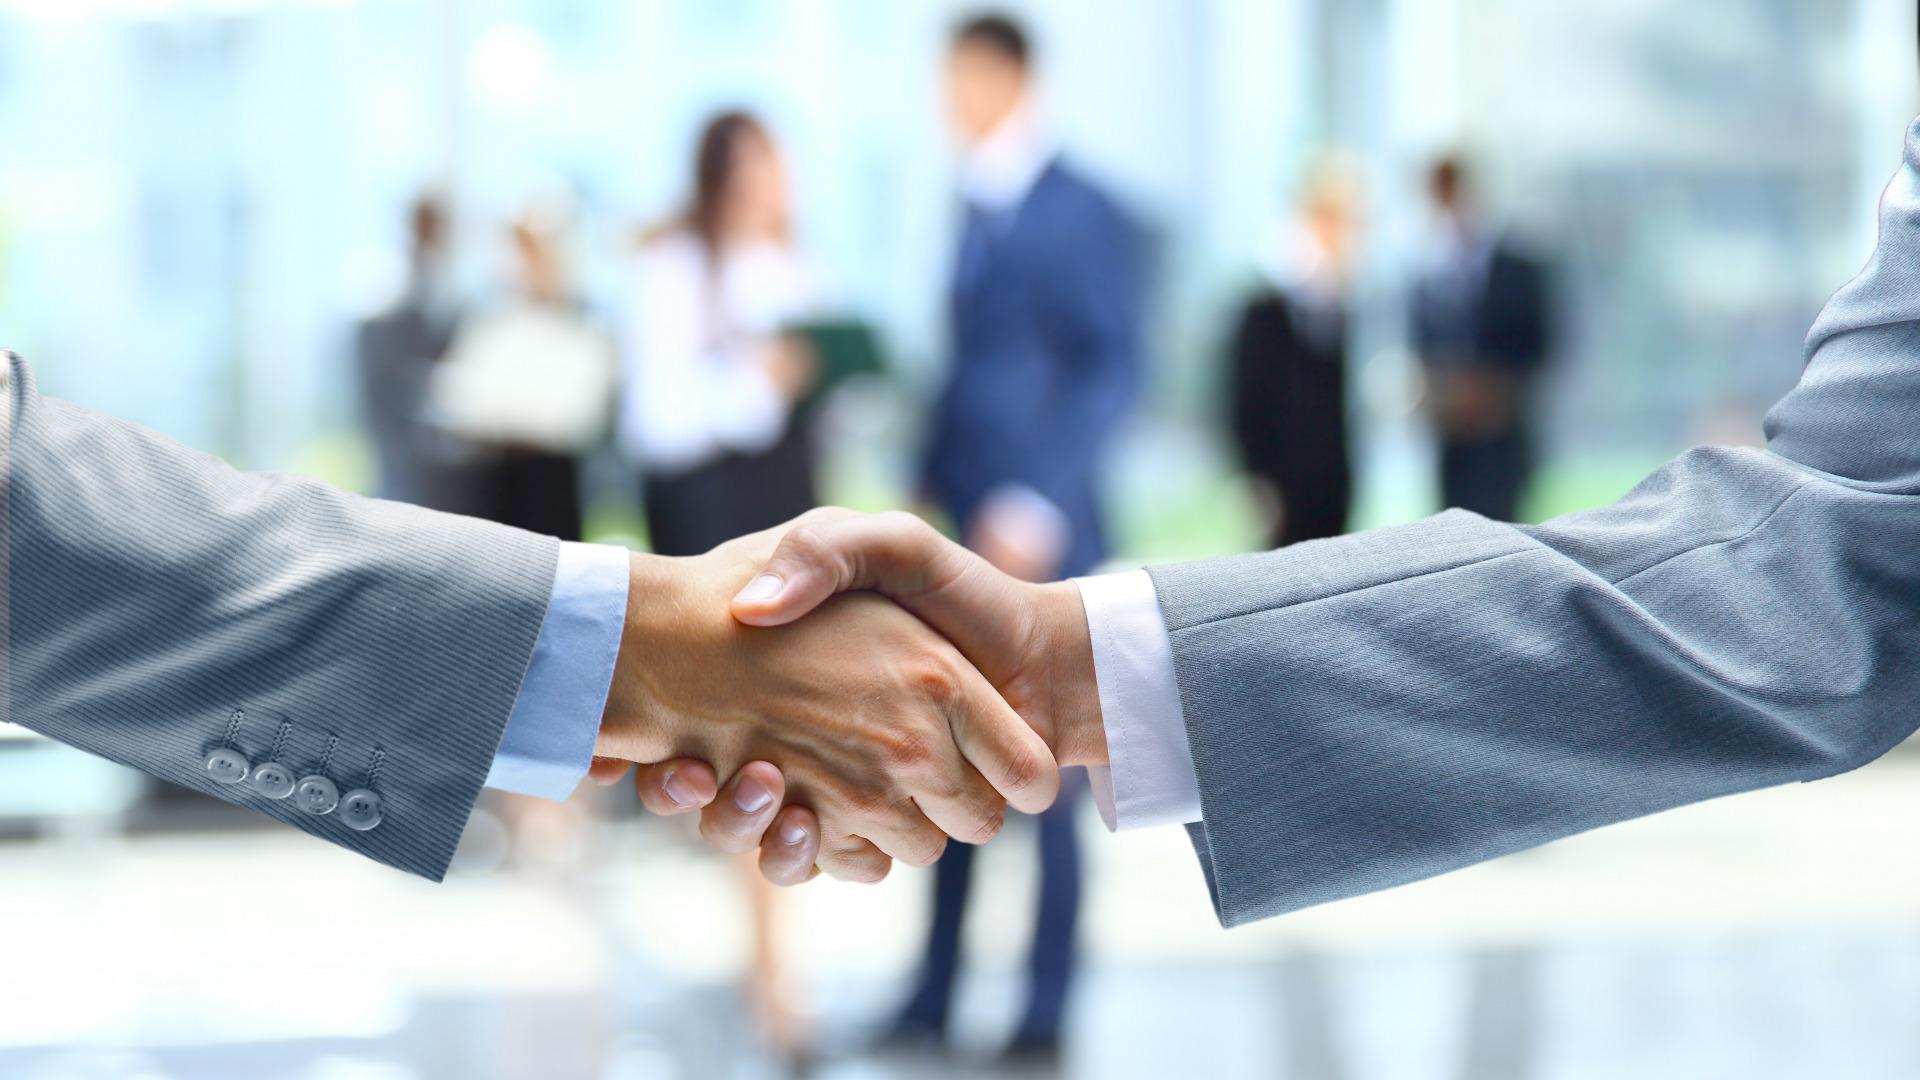 biznes-rukopozhatie-sdelka